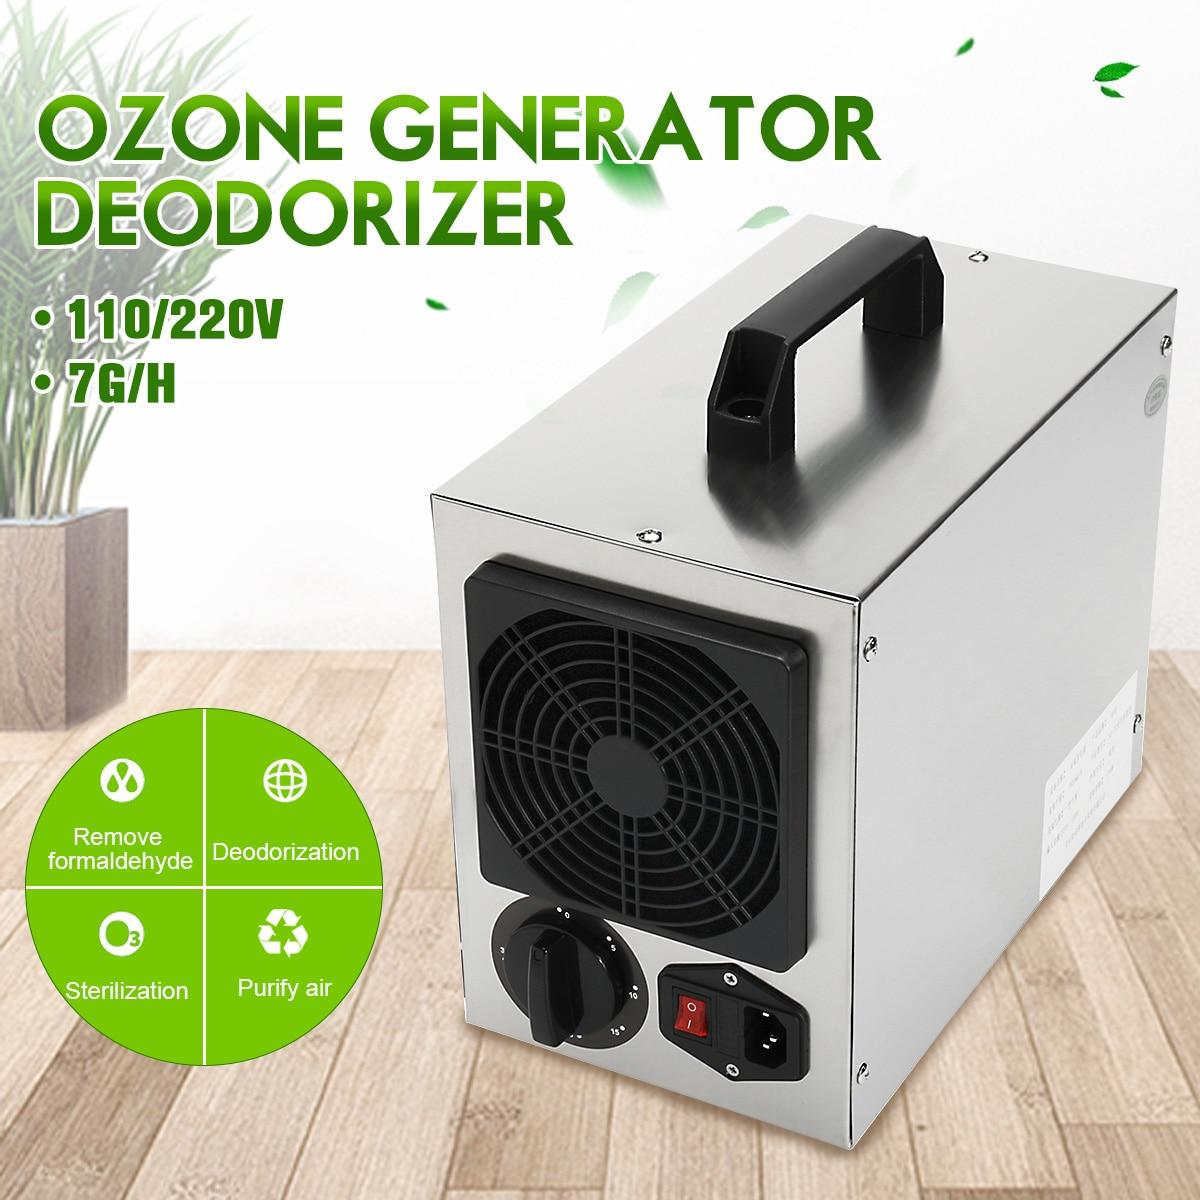 Accueil Générateur D'ozone Commerciale 7 g/h O3 Purificateur D'air Désodorisant 220 v/110 Filtre À Air Pour L'hôpital Usine Accueil plug UA